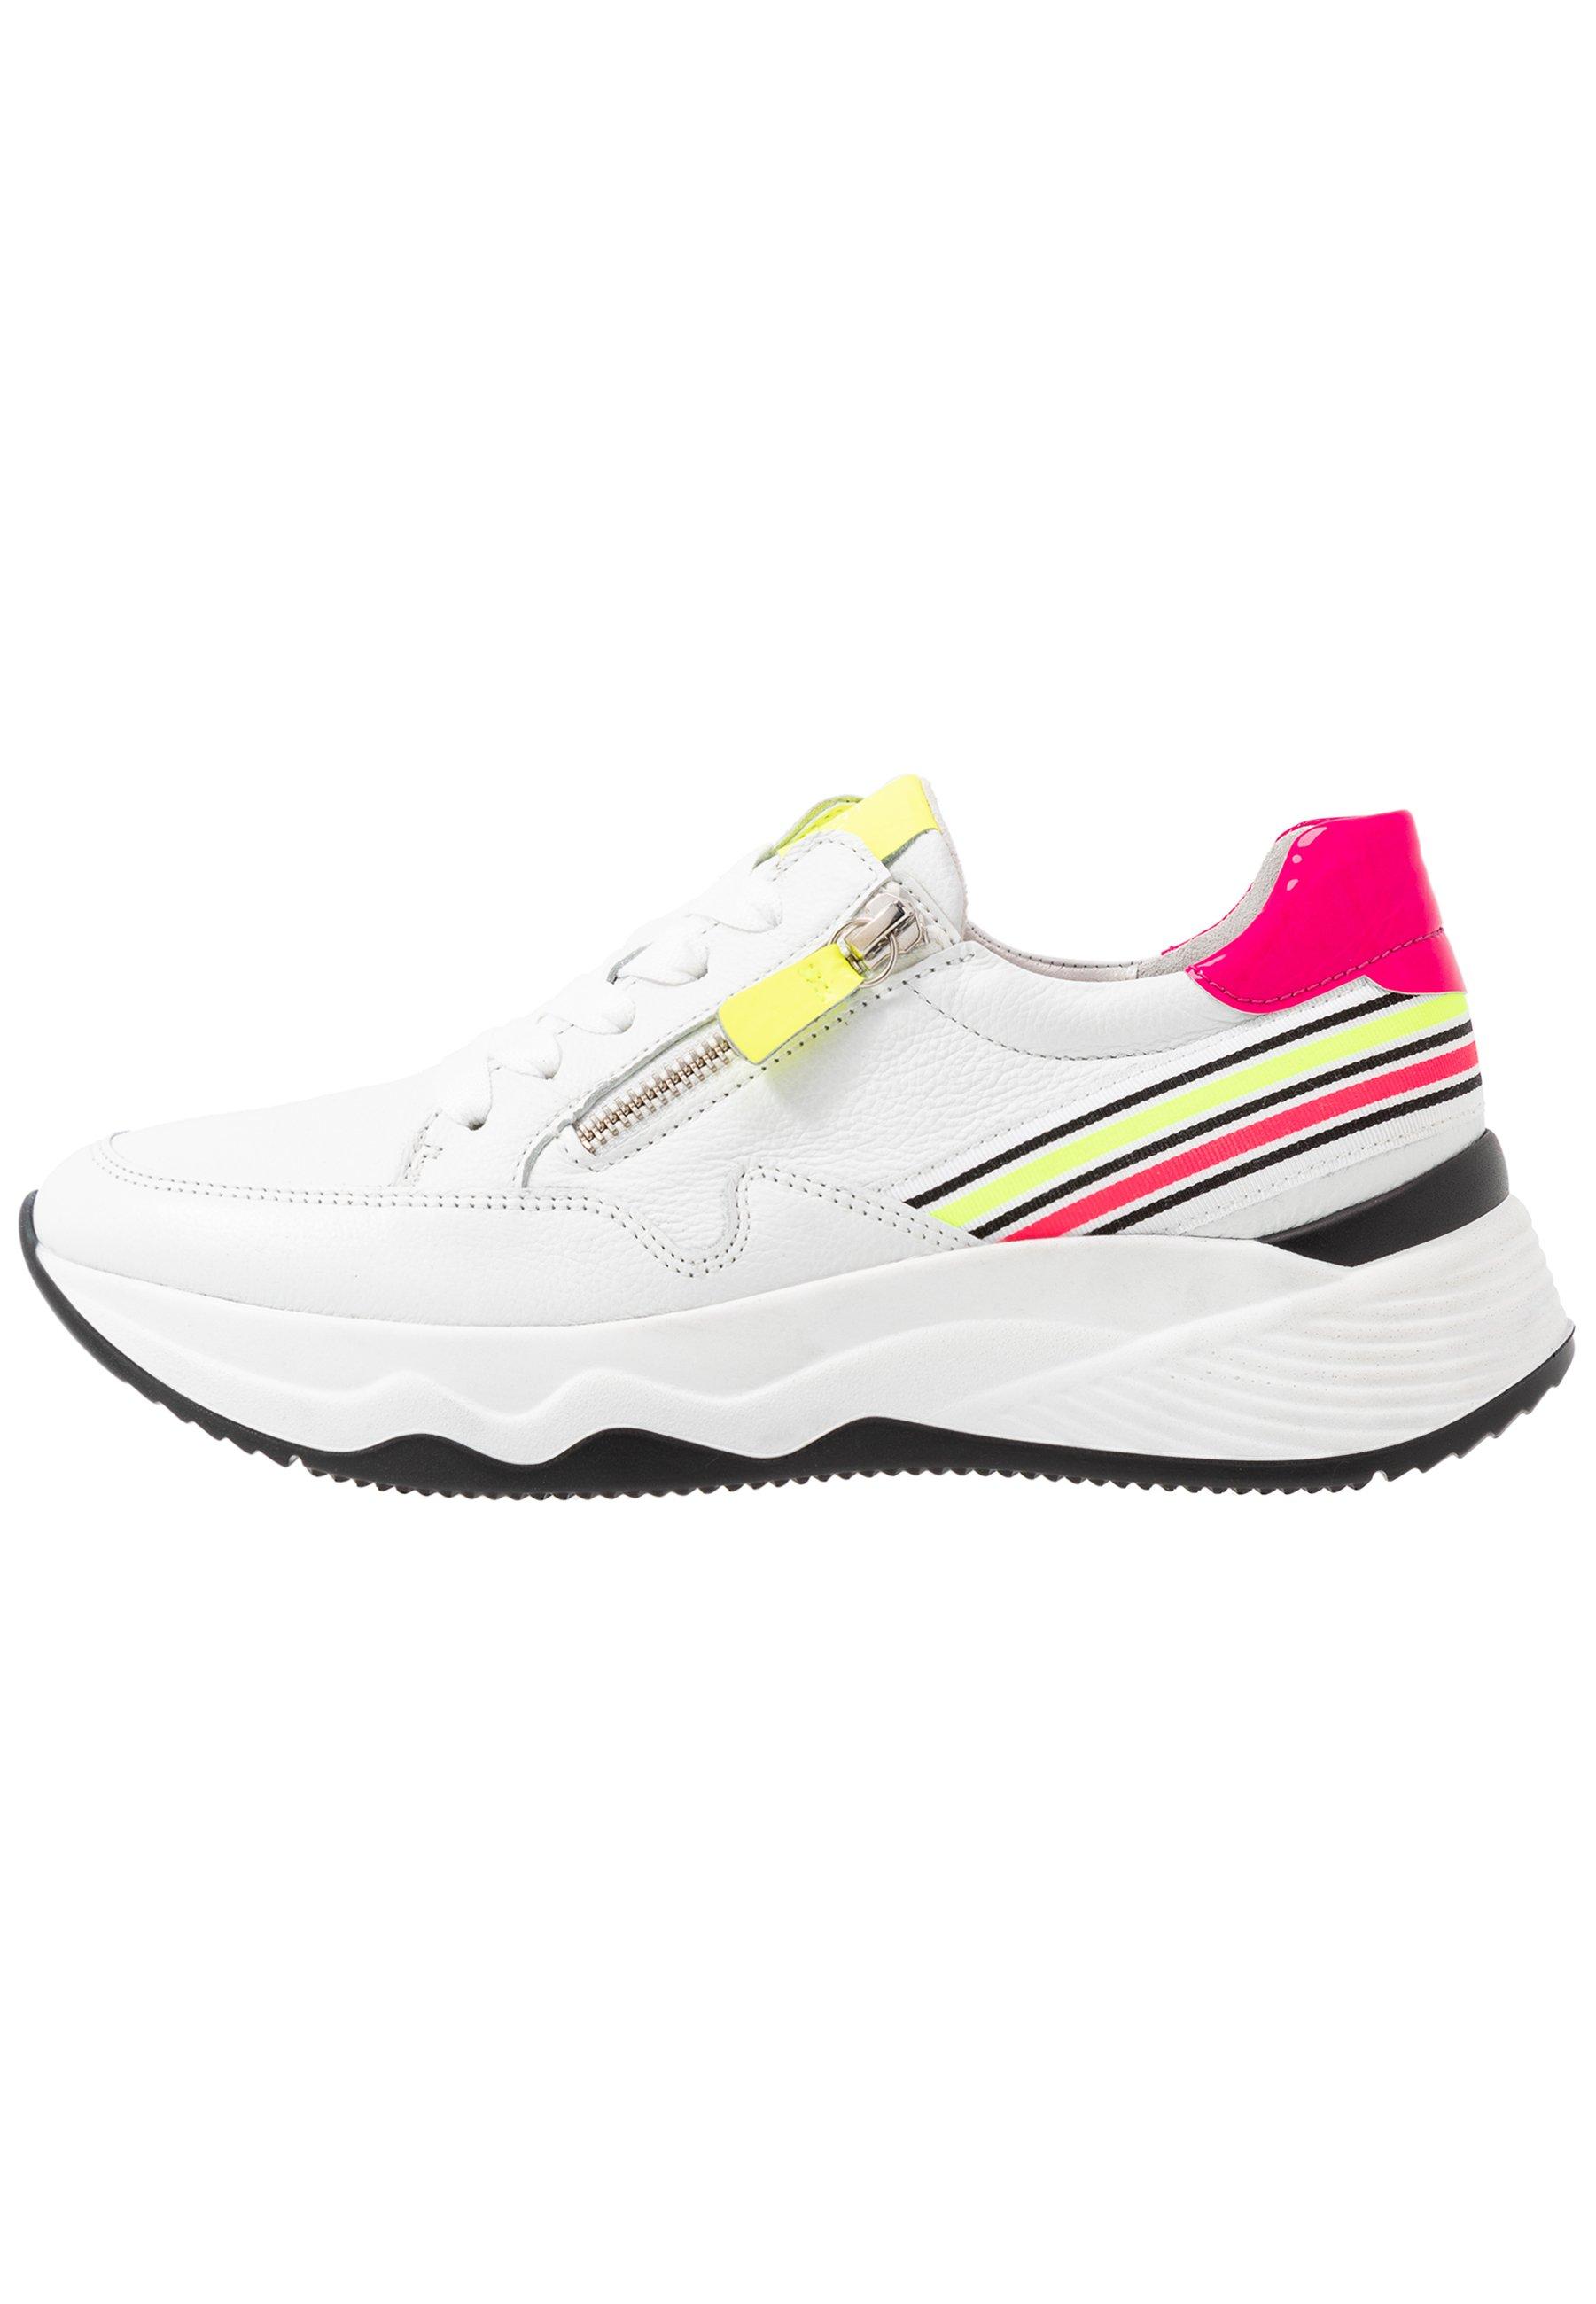 Gabor Chunky Sneaker Low Schnürschuhe weiß neon Leder Reißverschluss Einlagen